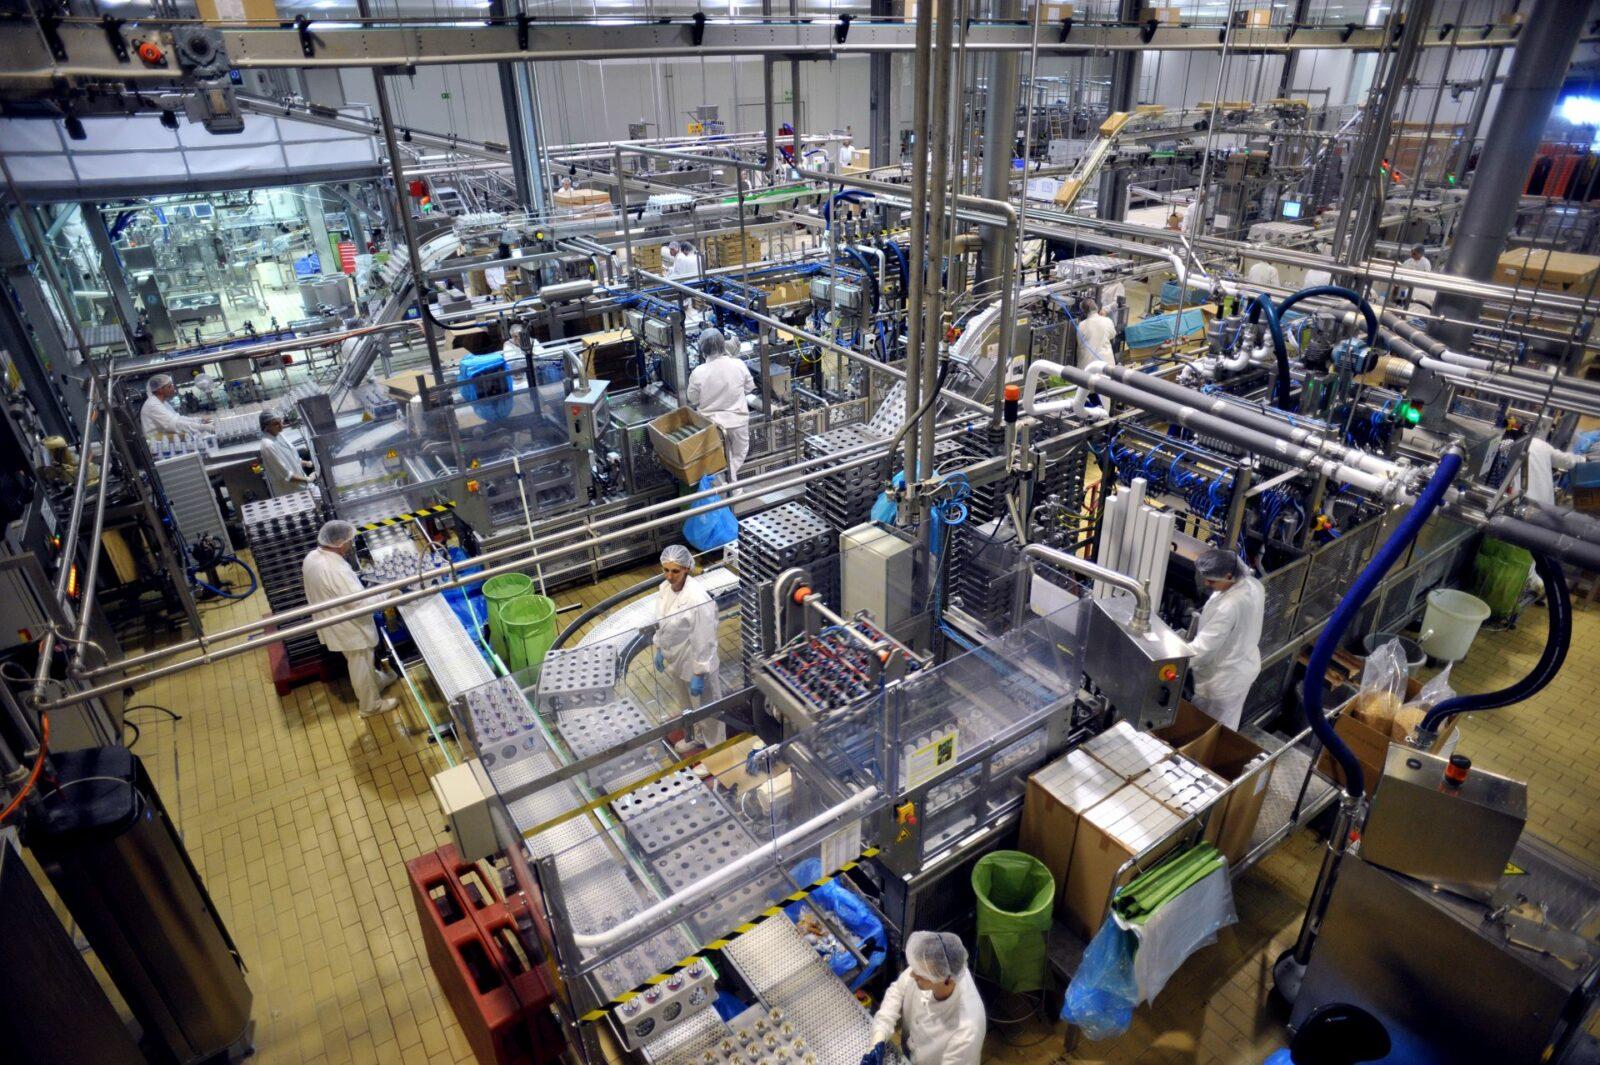 munka a gyárban